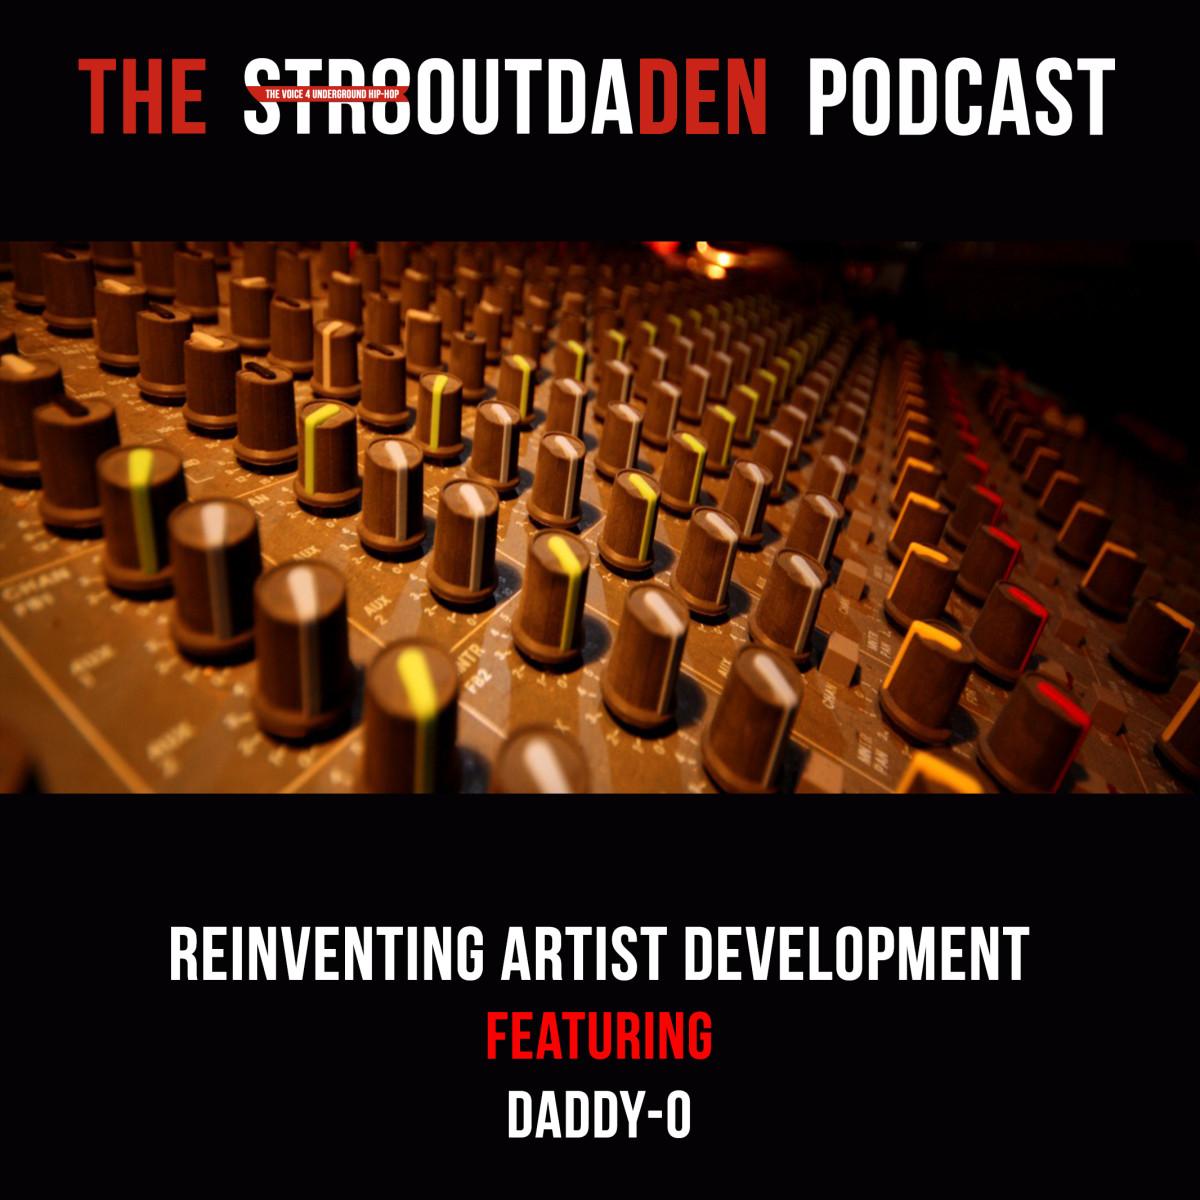 Reinventing Artist Development